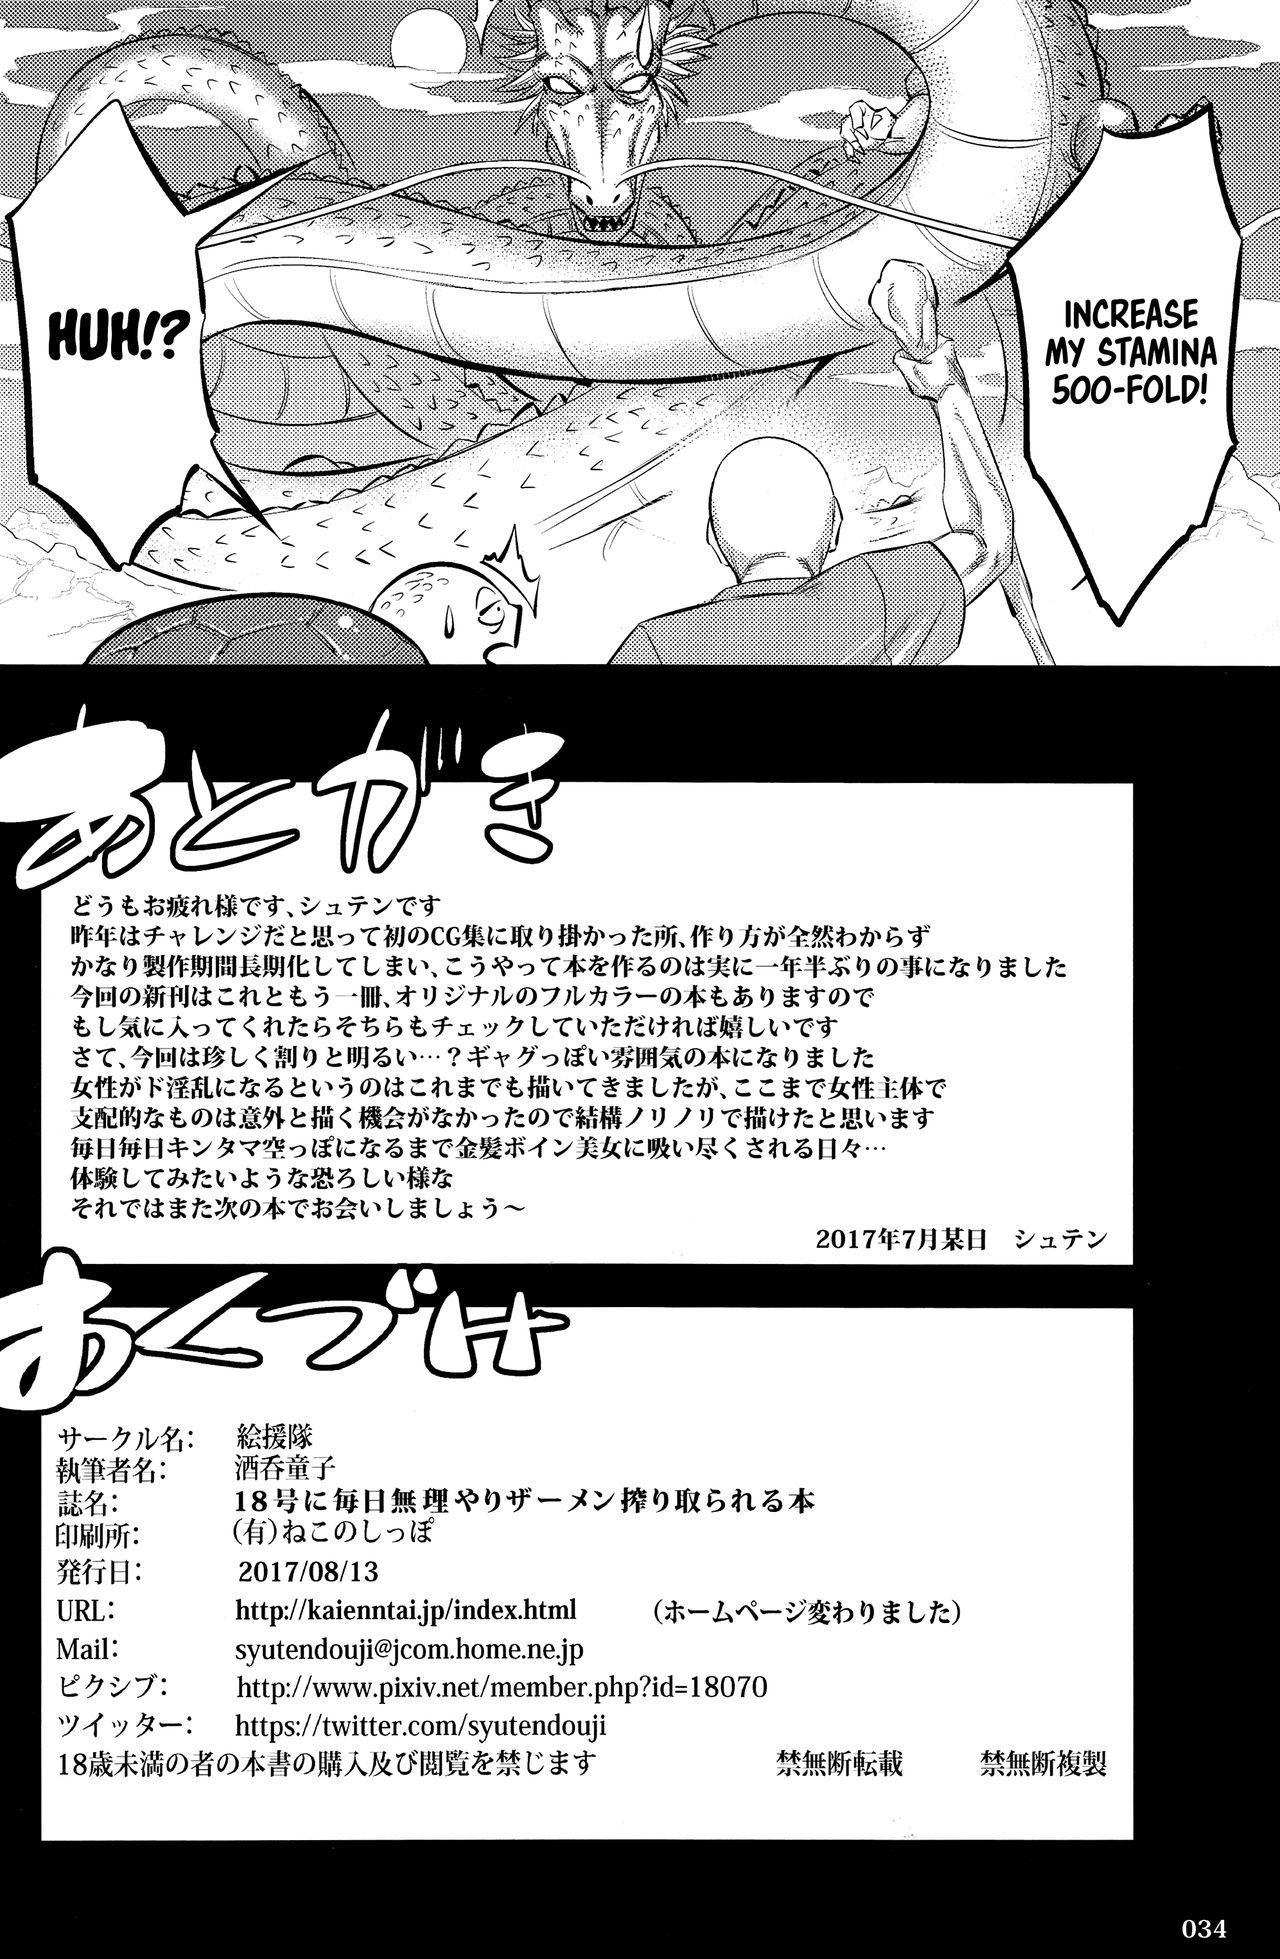 18-gou ni Mainichi Muriyari Semen Shiboritorareru Hon | A Book About Getting Your Semen Forcibly Squeezed Out By No. 18 Every Single Day 32